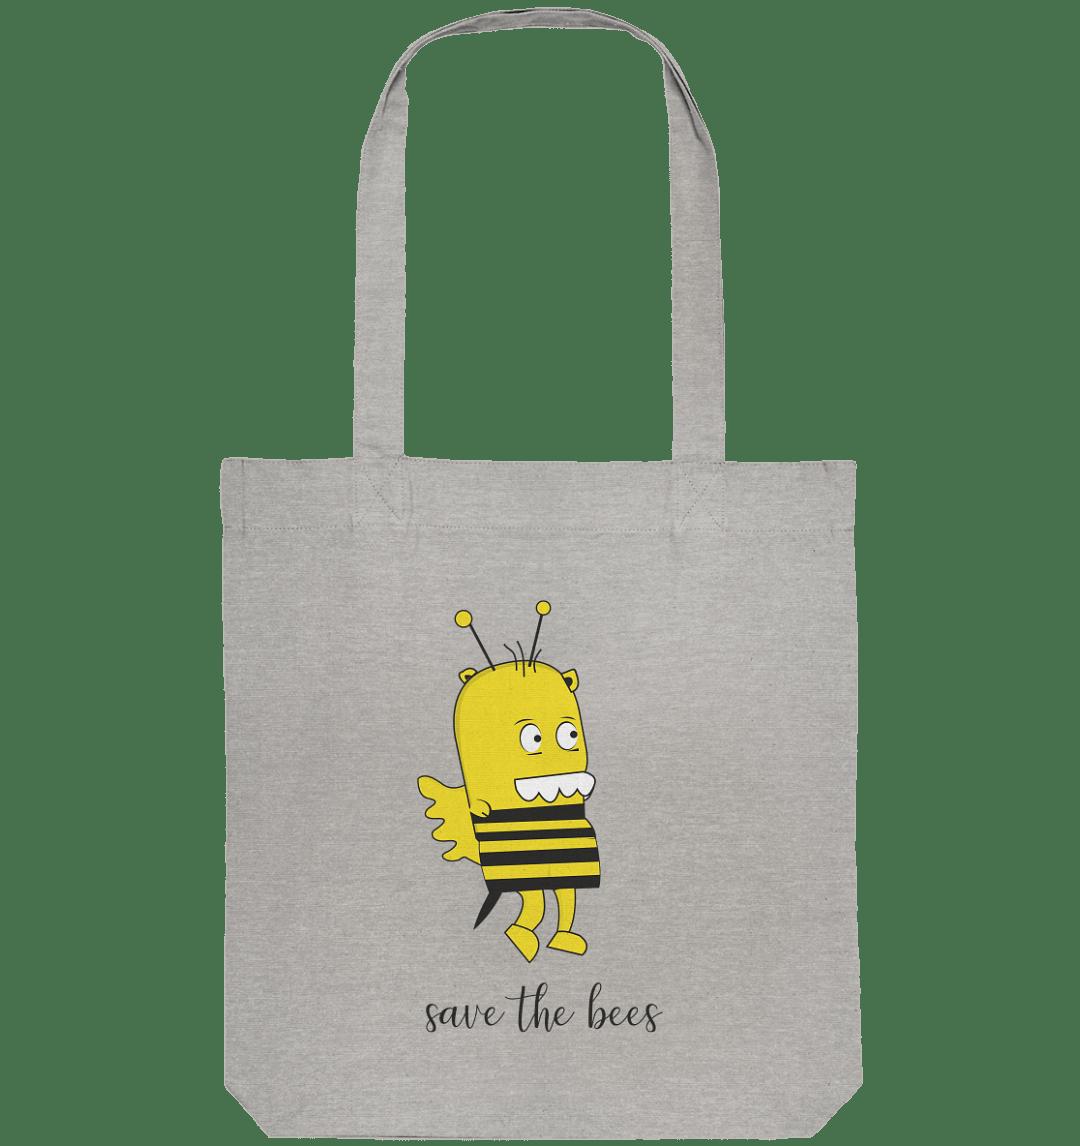 Save the Bees Motiv auf einer Tragetasche mit langem Hänkel.